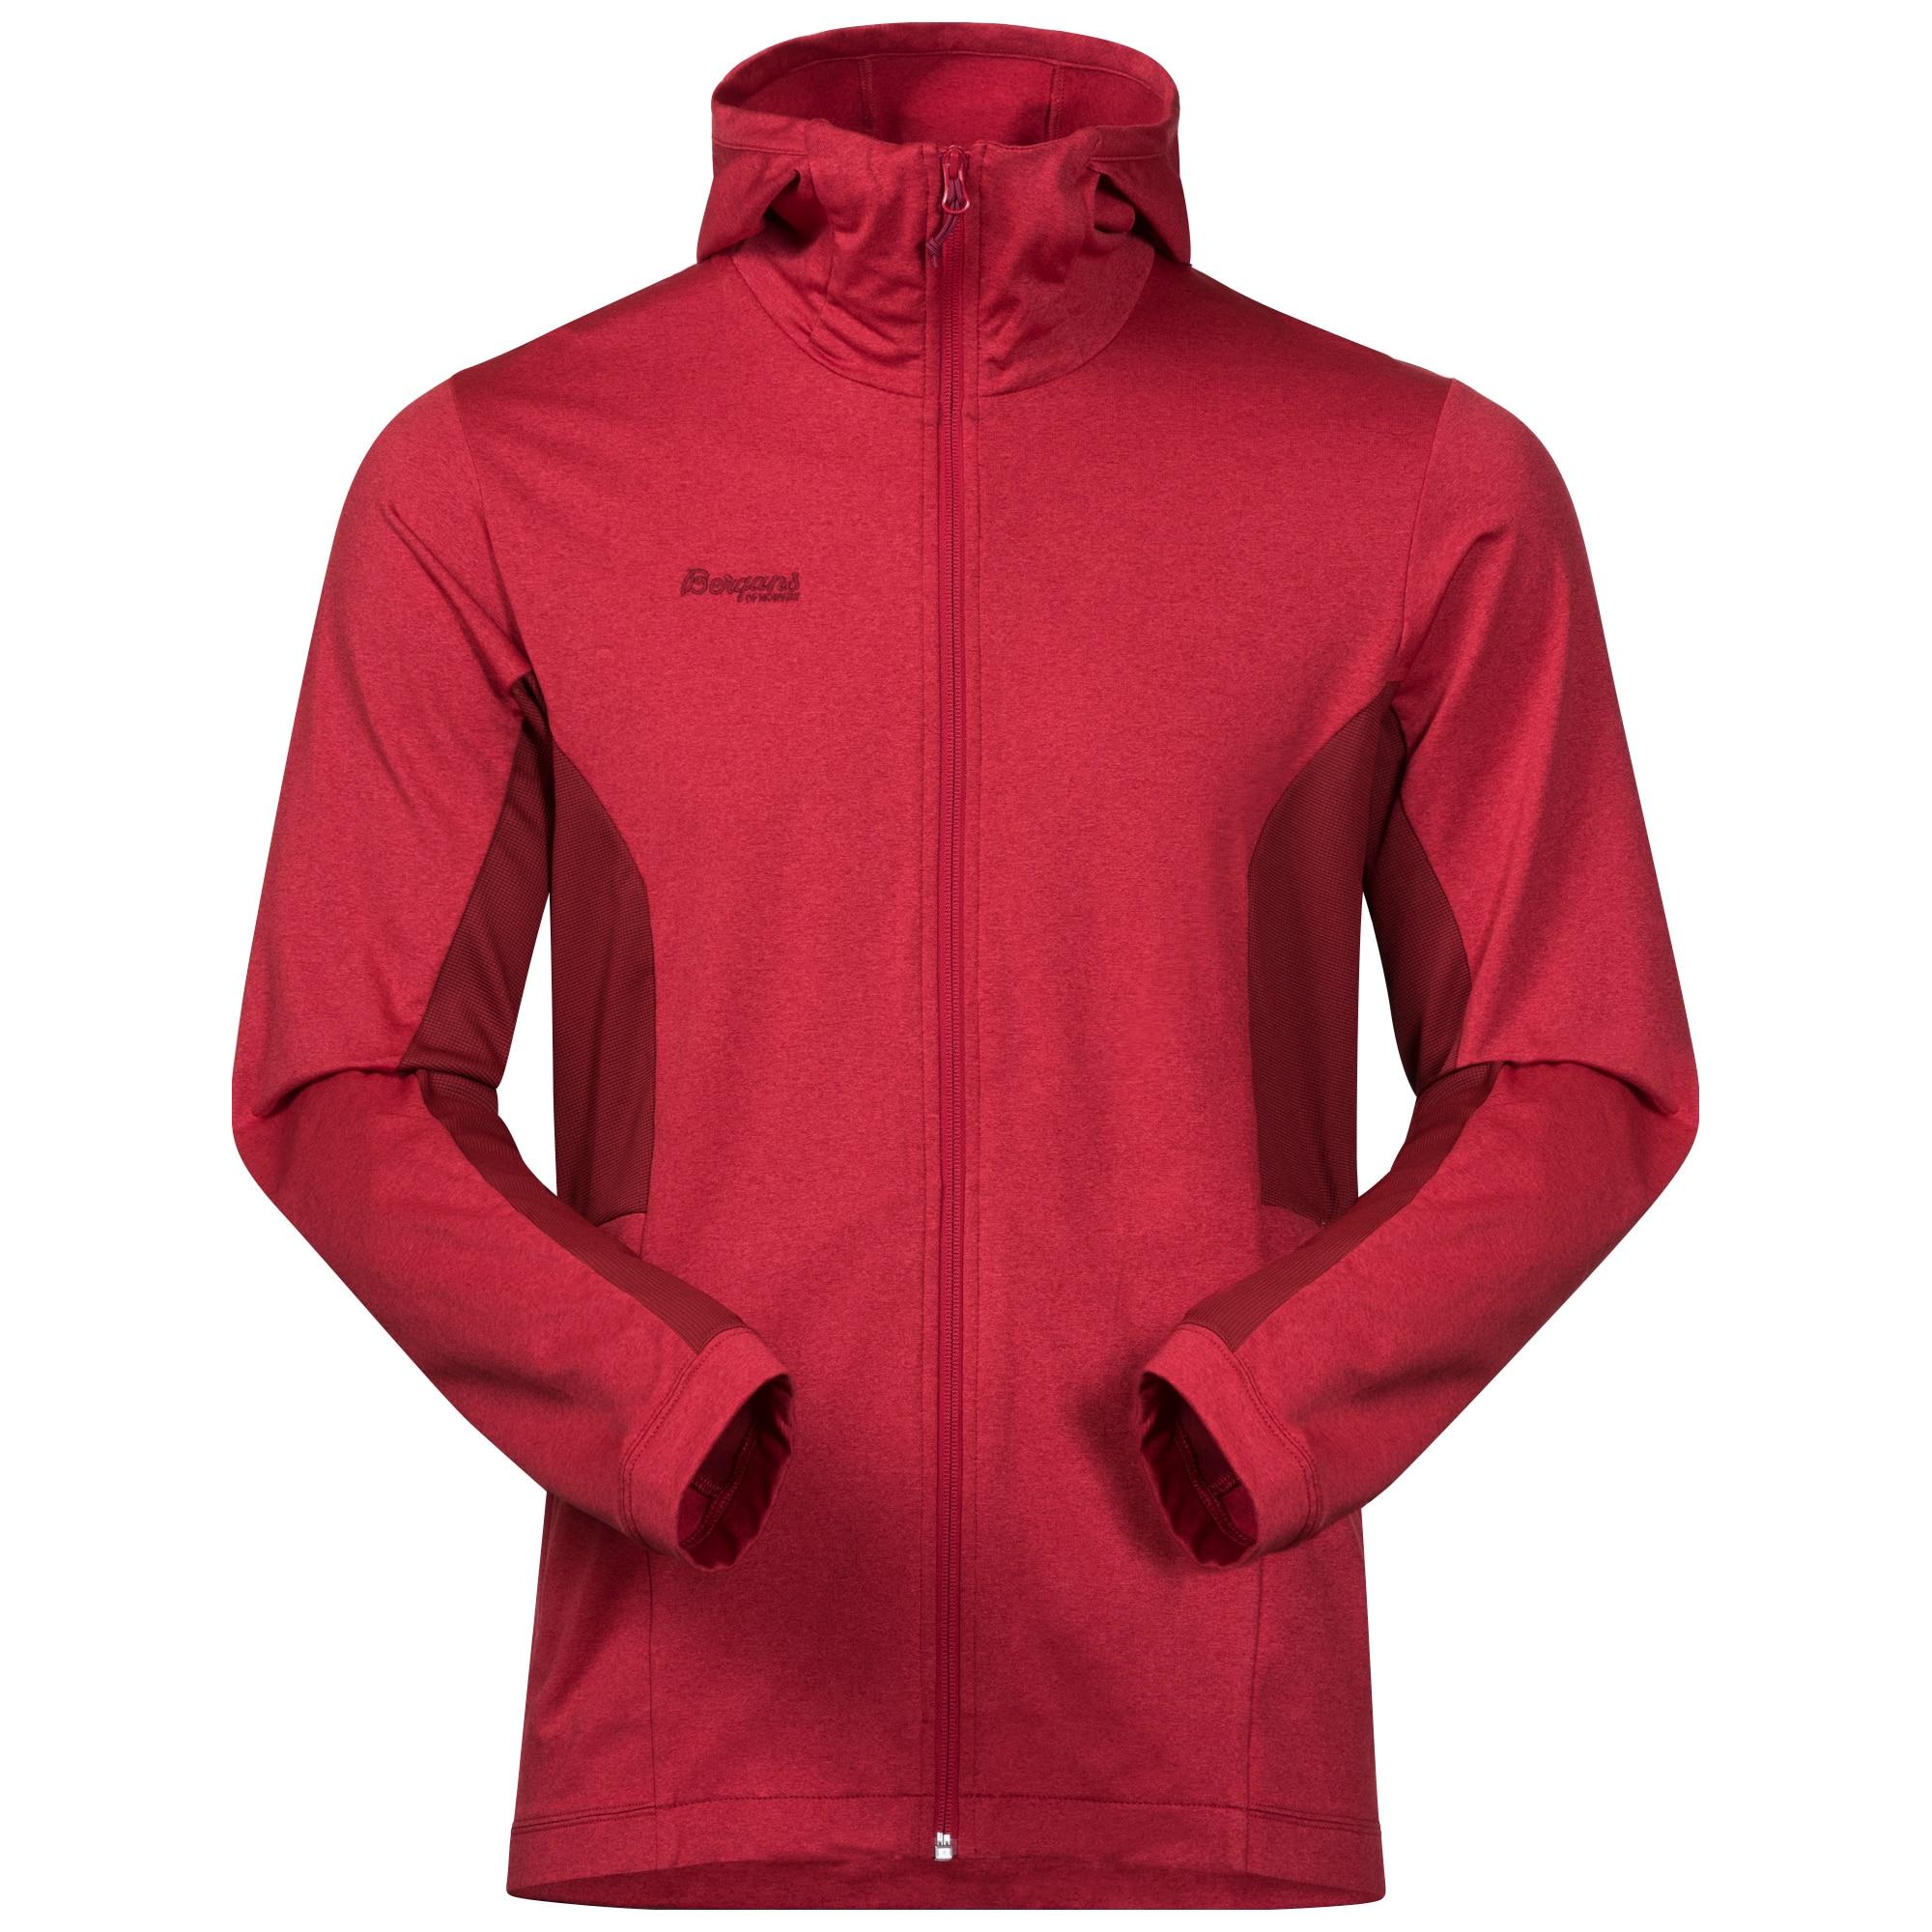 Lom Fleece Jacket with Hood